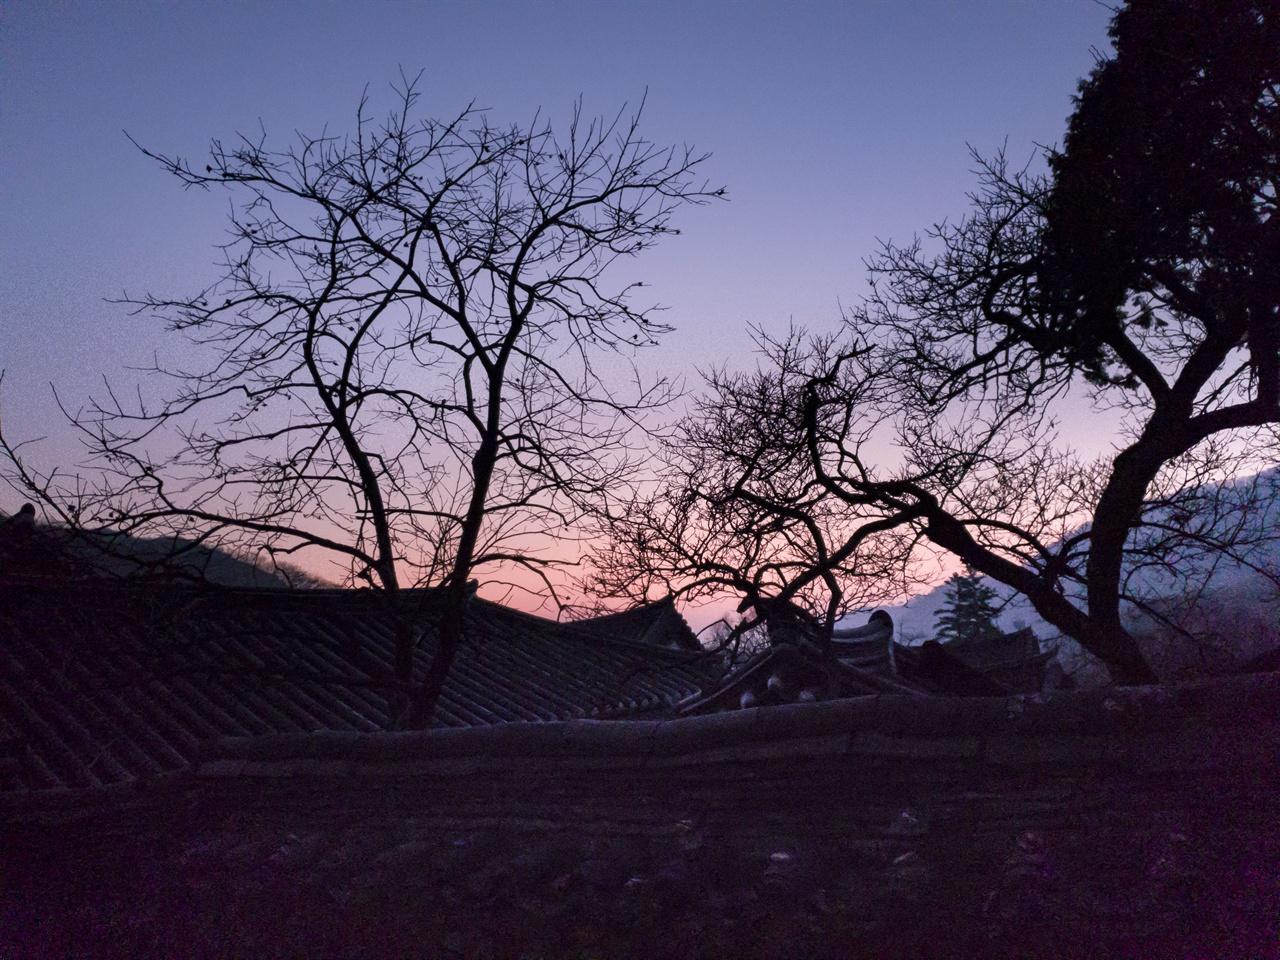 선암사의 새벽 풍경    조계산의 동쪽 하늘이 붉게 물들면서 아침해가 떠오른다.